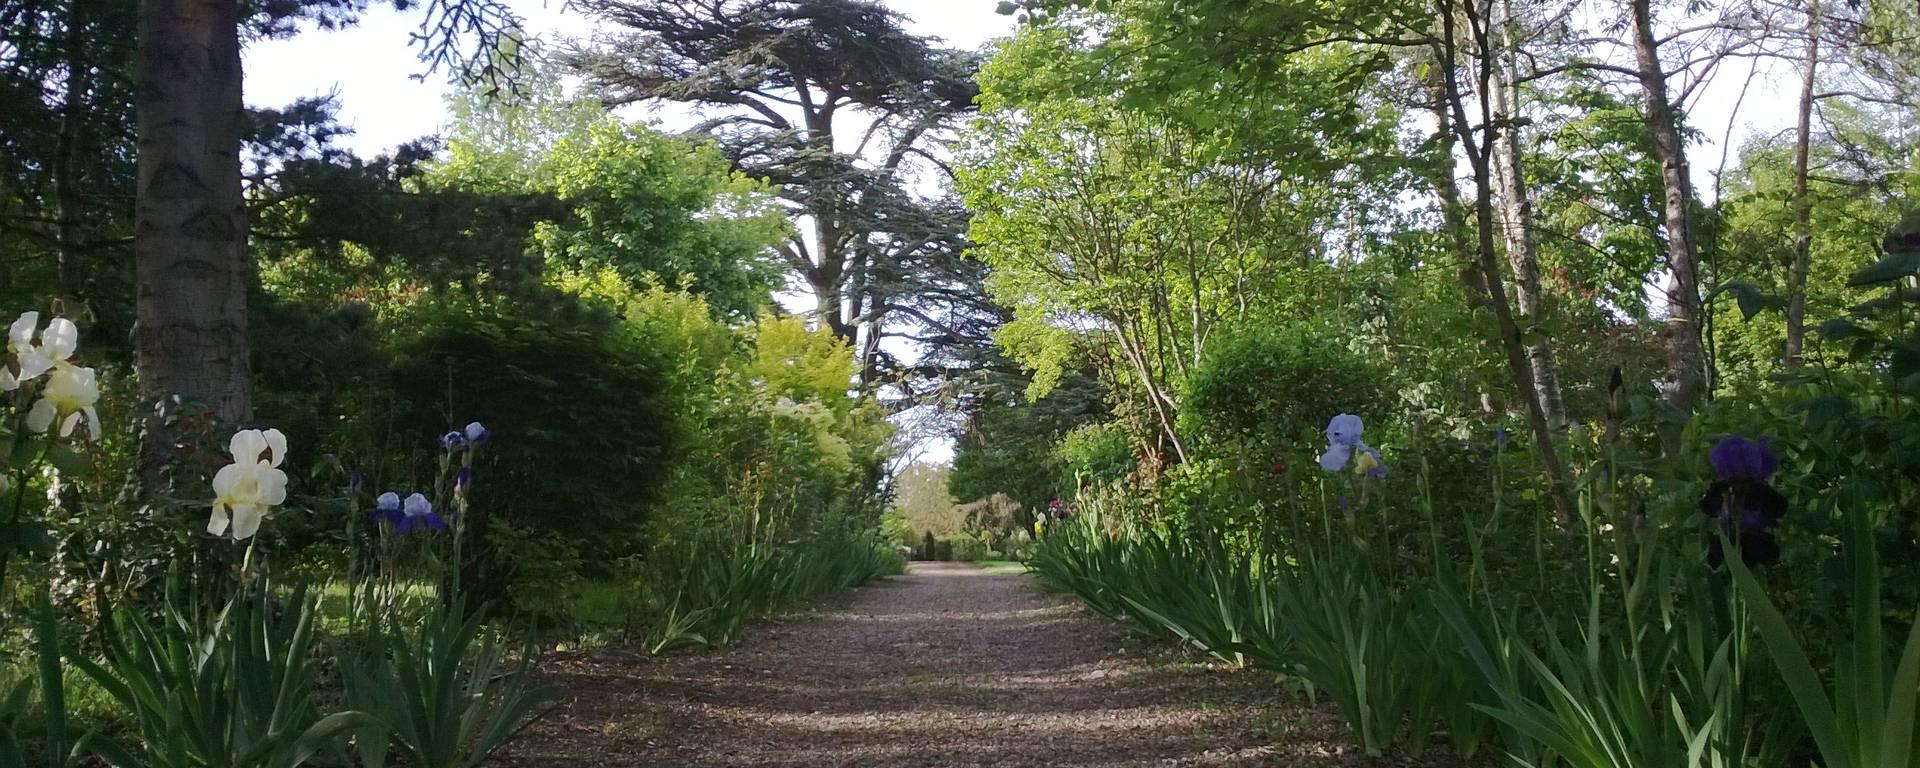 Les jardins du prieuré d'Orchaise près de Blois